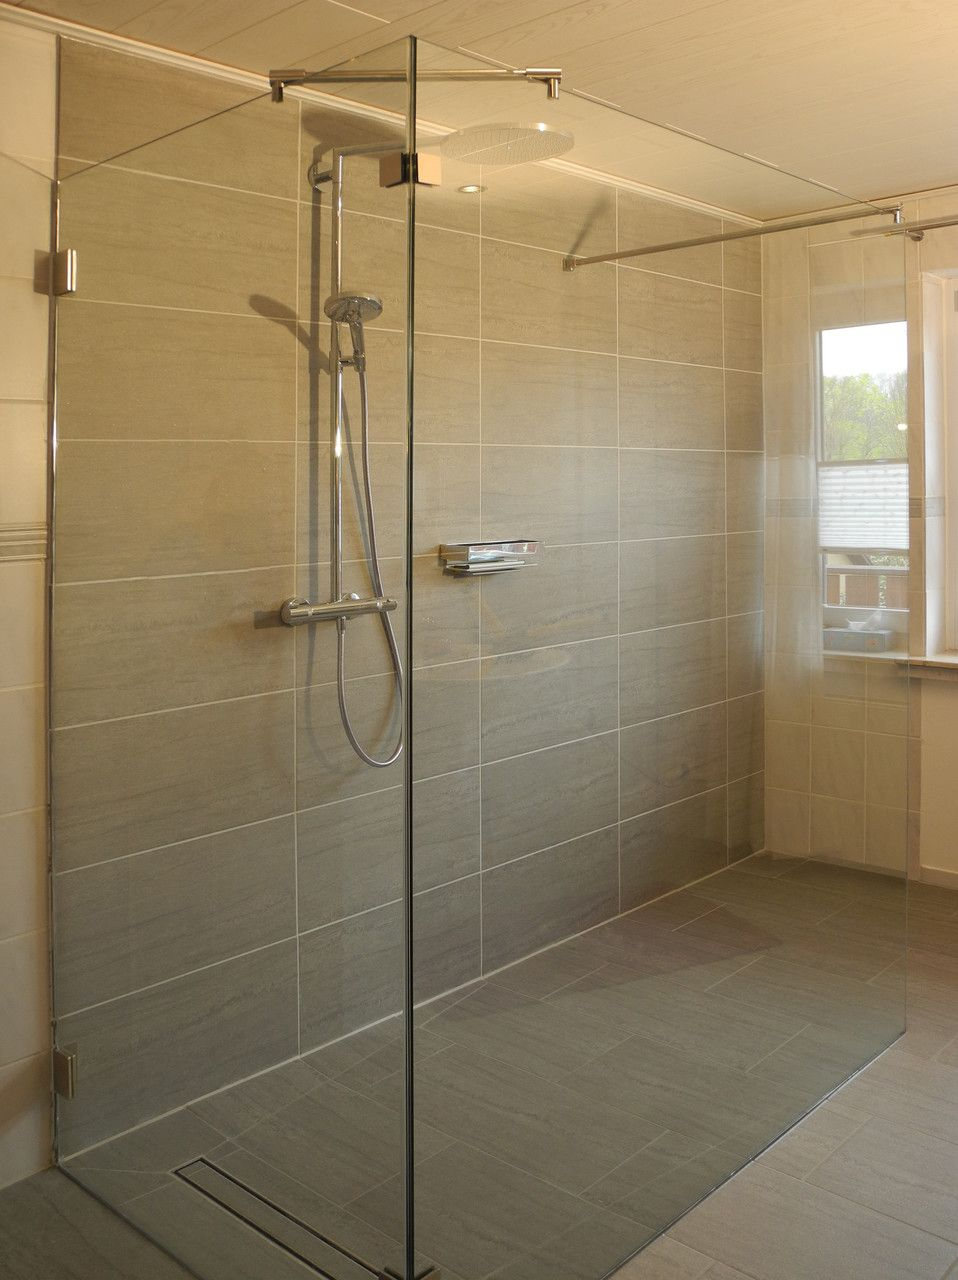 Geraumige Walk In Dusche Top Fur Grosse Badezimmer Dusche Aus